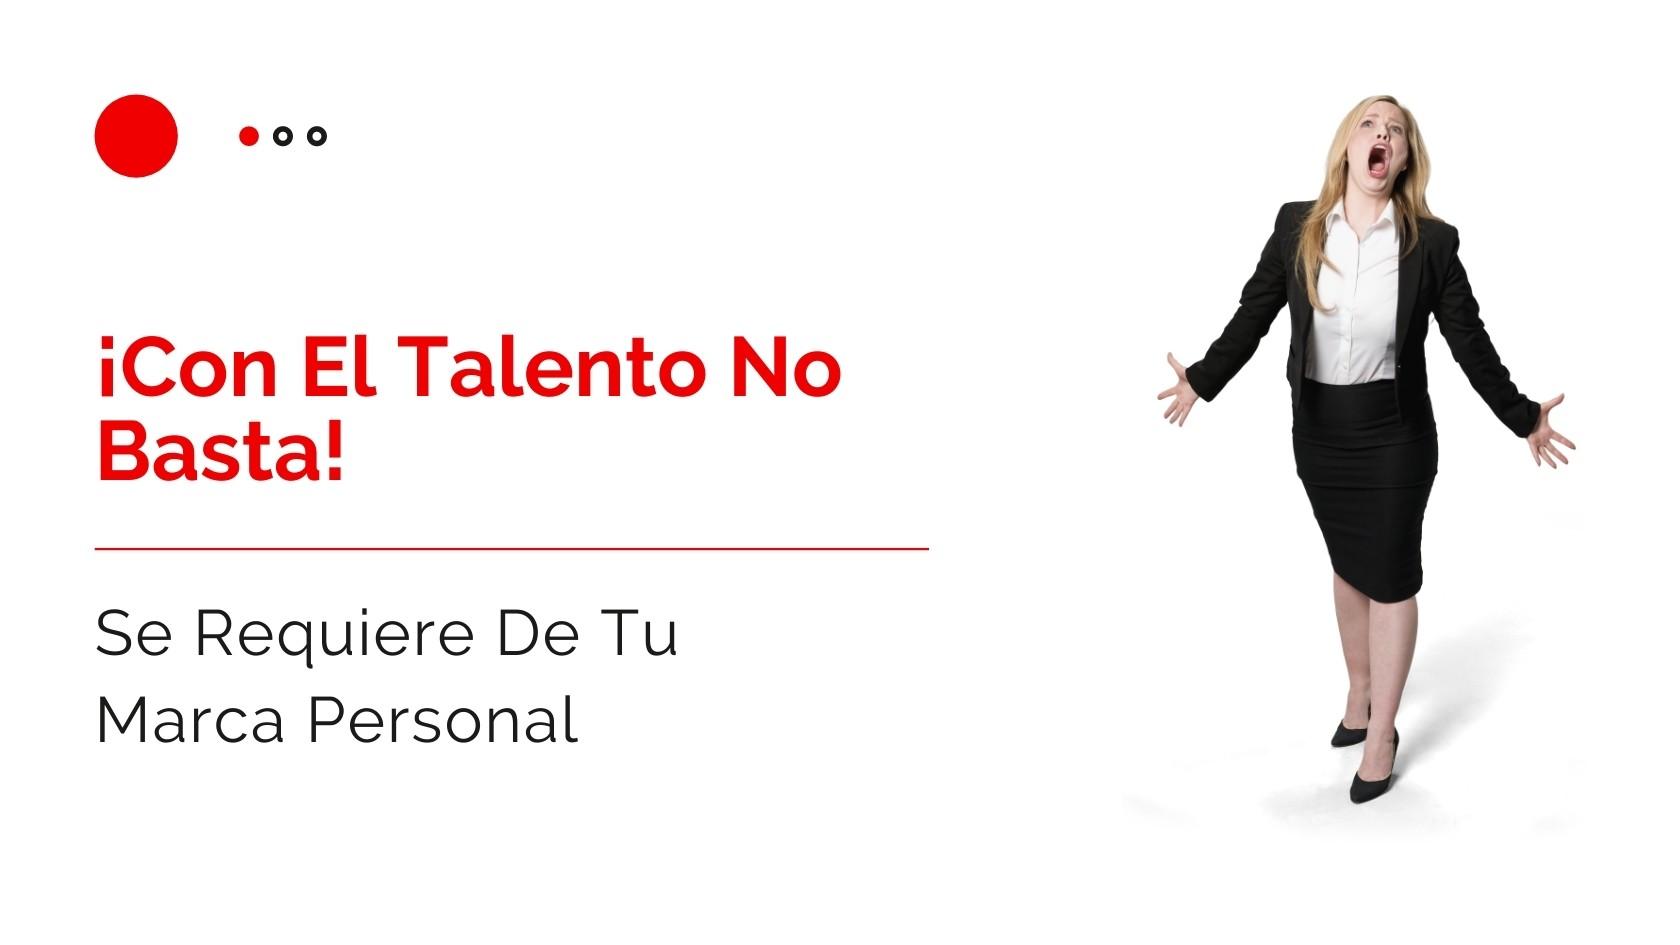 Héctor Jimenez - Con El Talento No Basta - Se Requiere De Tu Marca Personal - 1